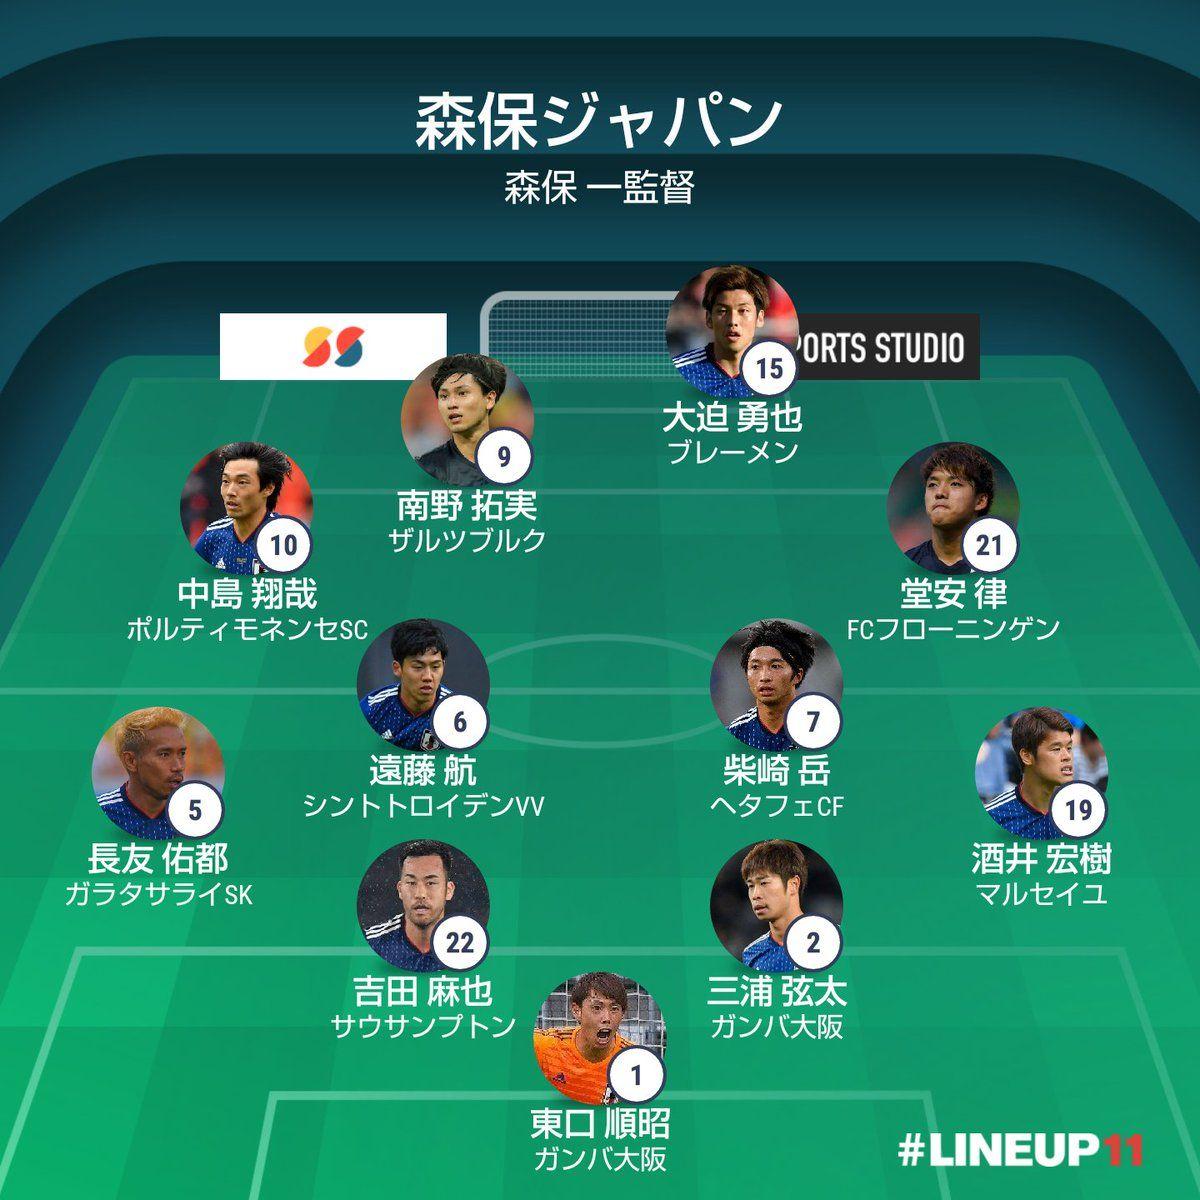 【速報】日本代表 vs ウルグアイ代表 スタメン発表の代表サムネイル